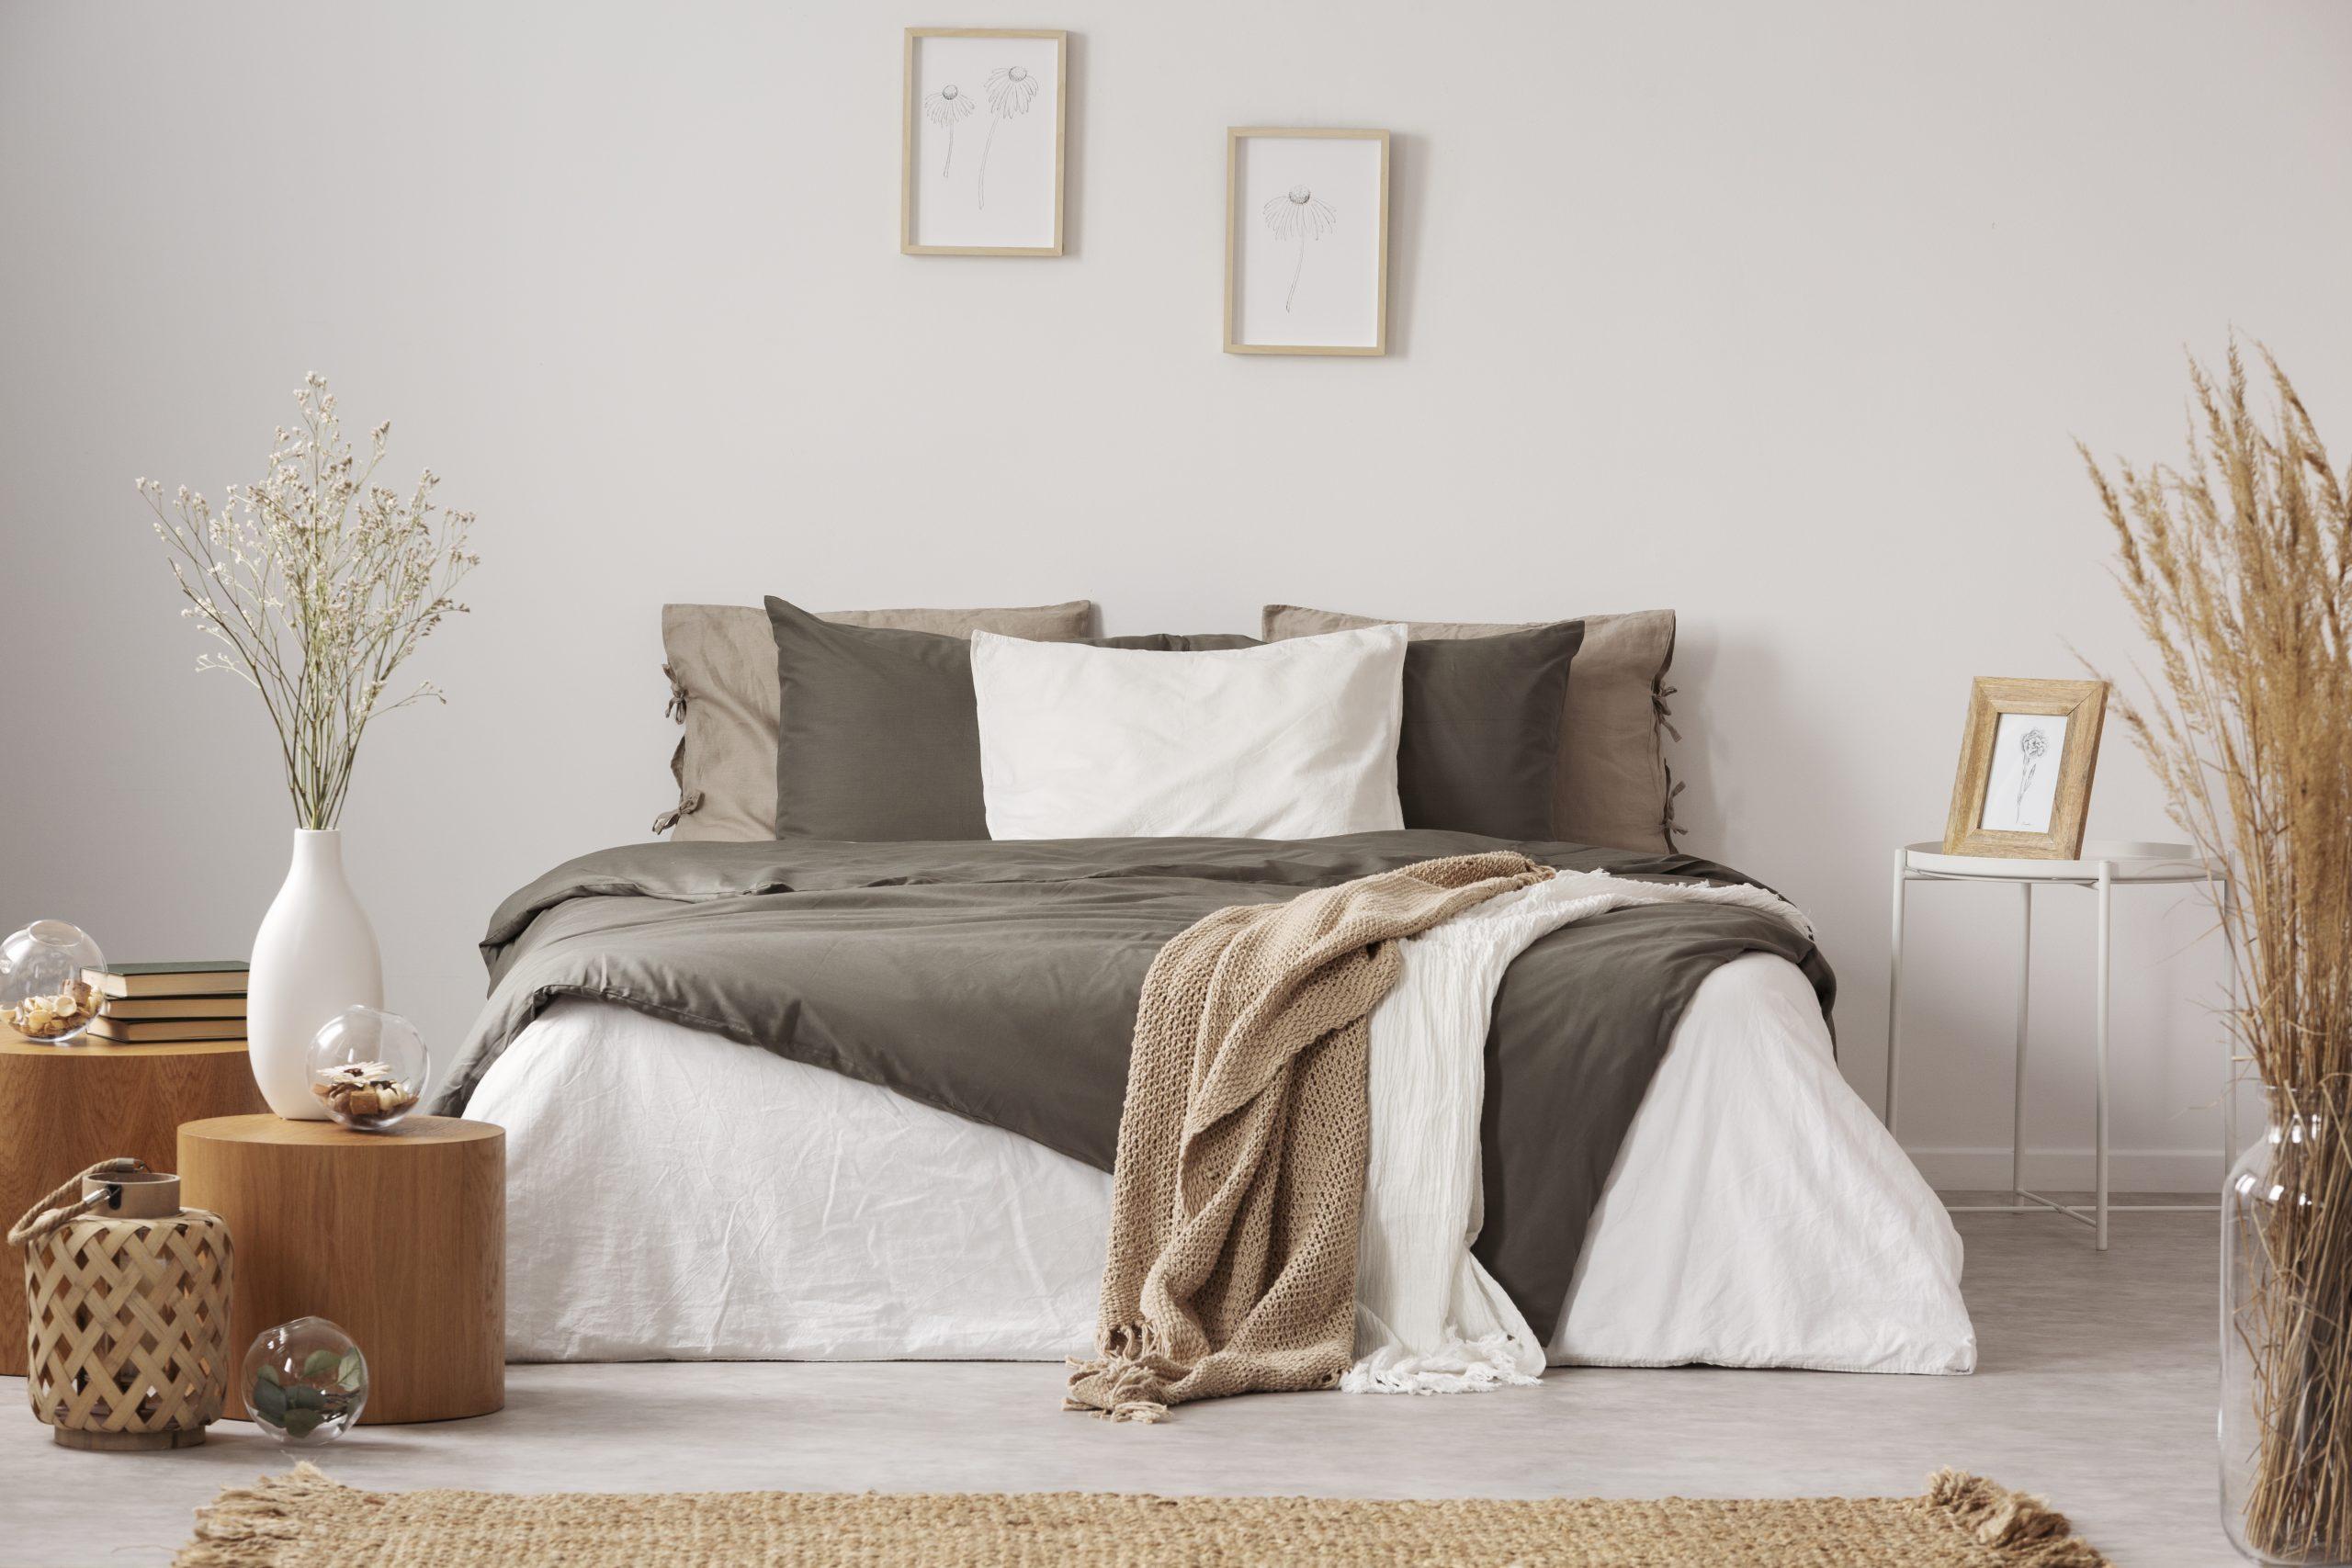 Comment bien choisir son linge de lit?